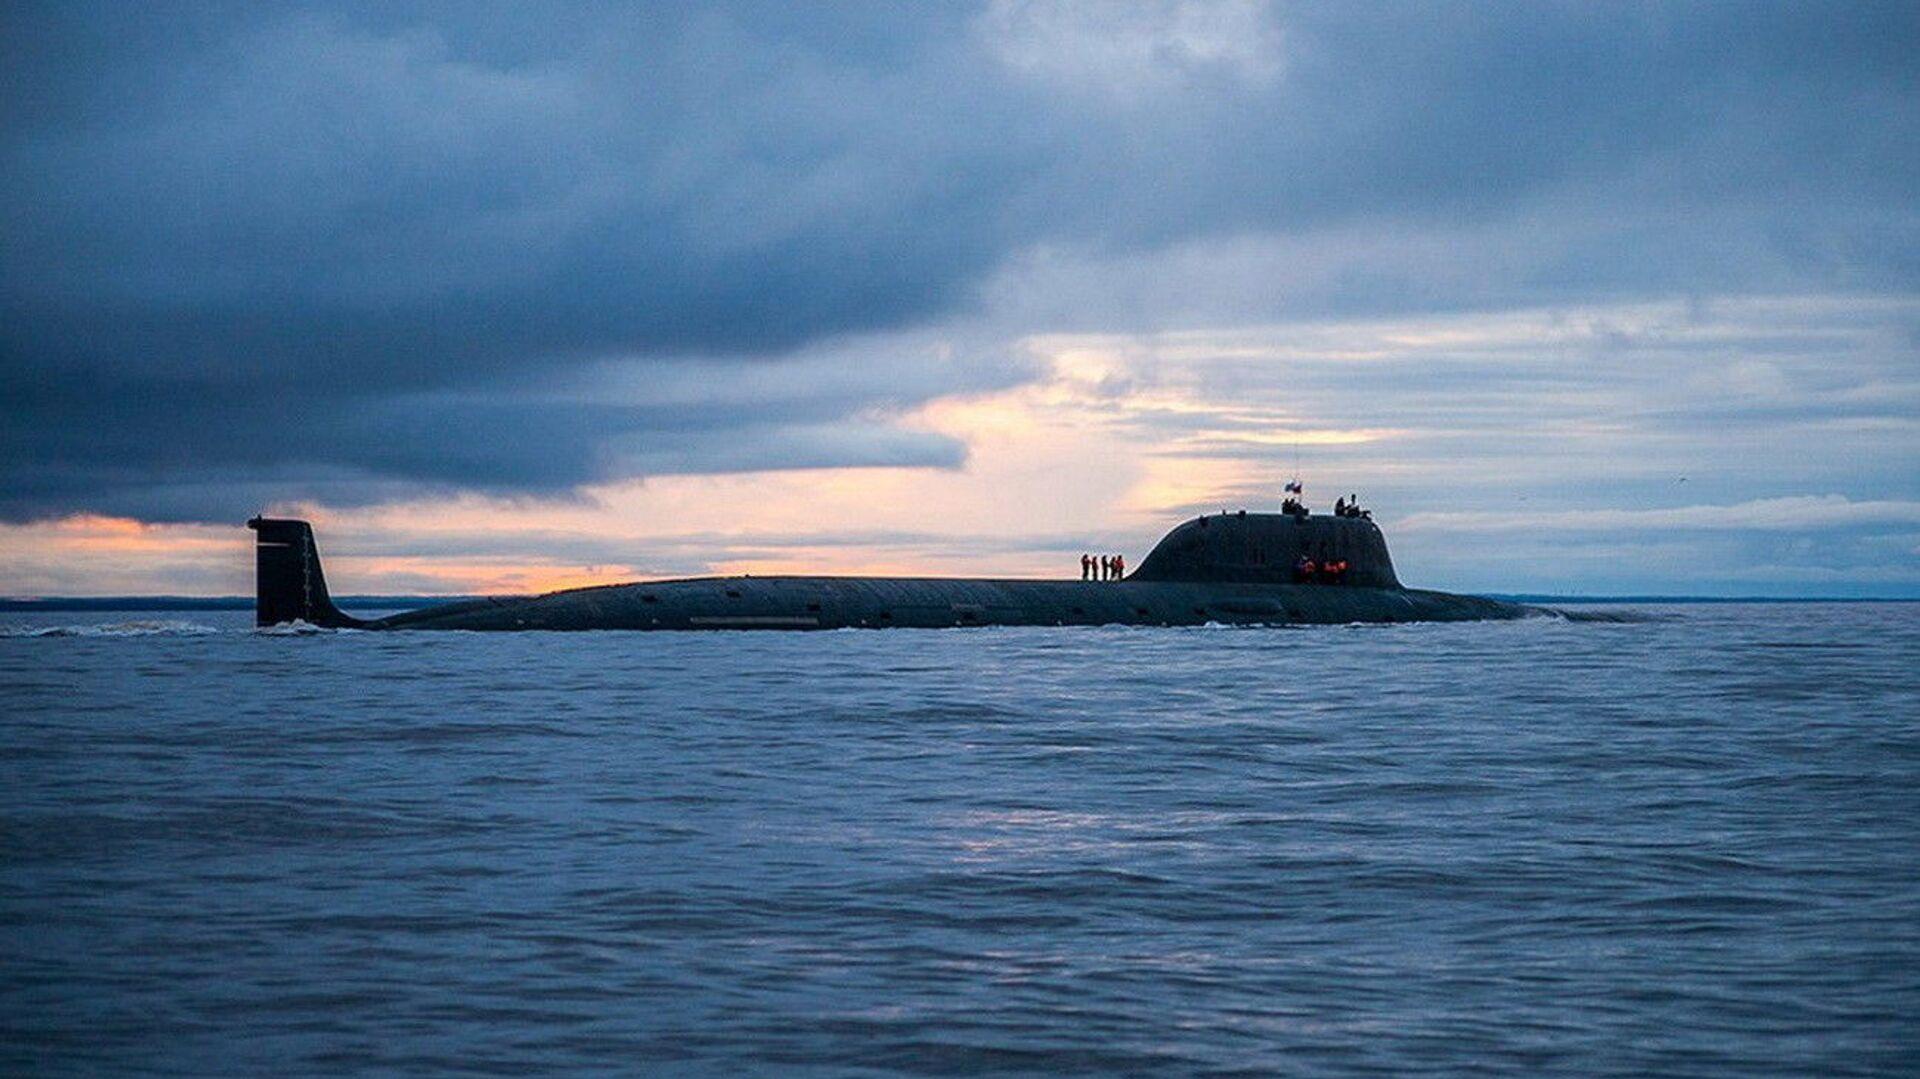 Атомная подводная лодка Северного флота «Северодвинск» - Sputnik Azərbaycan, 1920, 06.10.2021